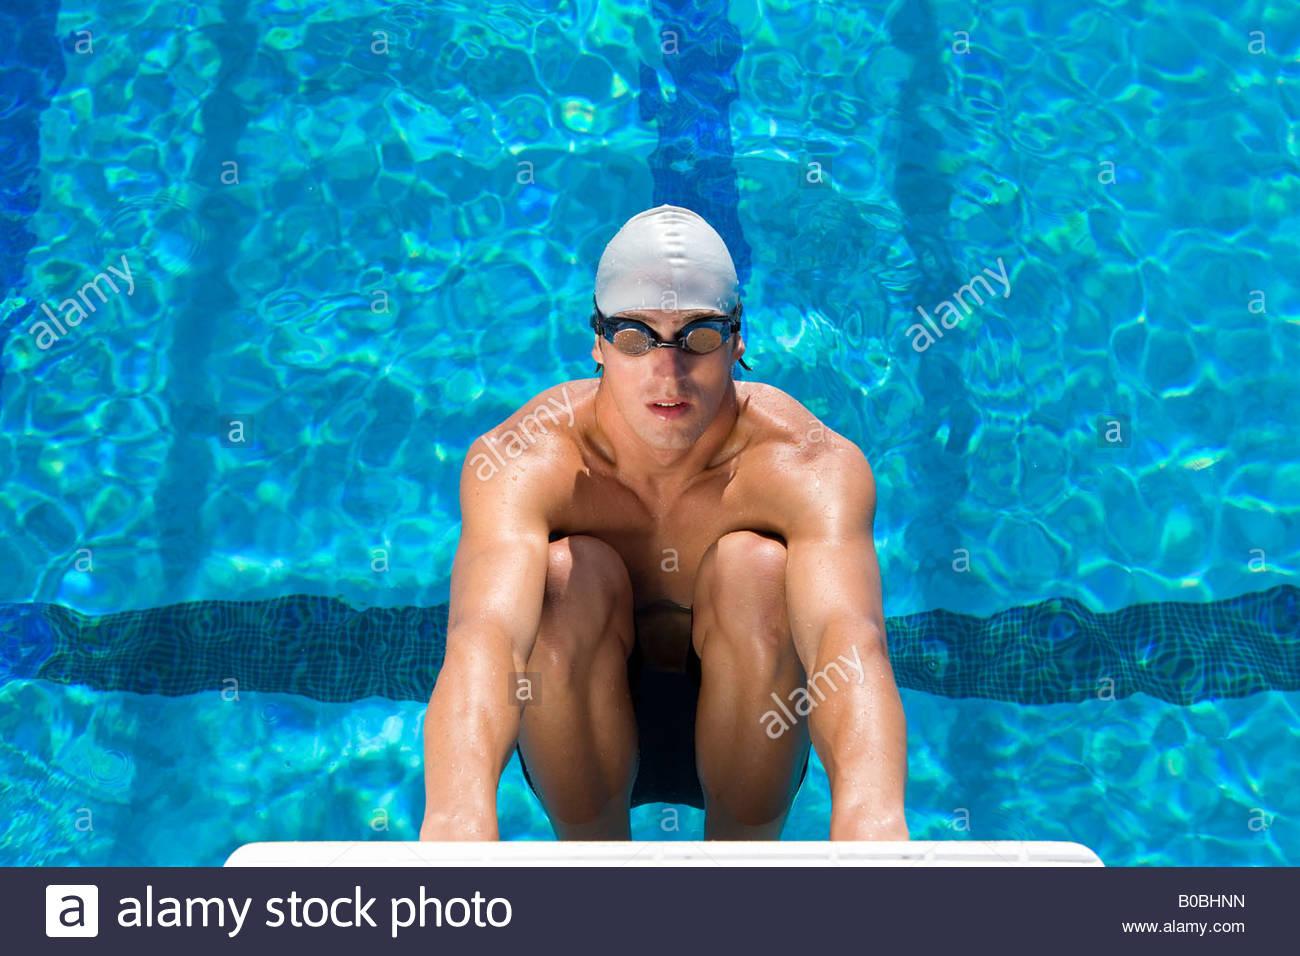 Le nageur bloc de départ, elevated view Photo Stock